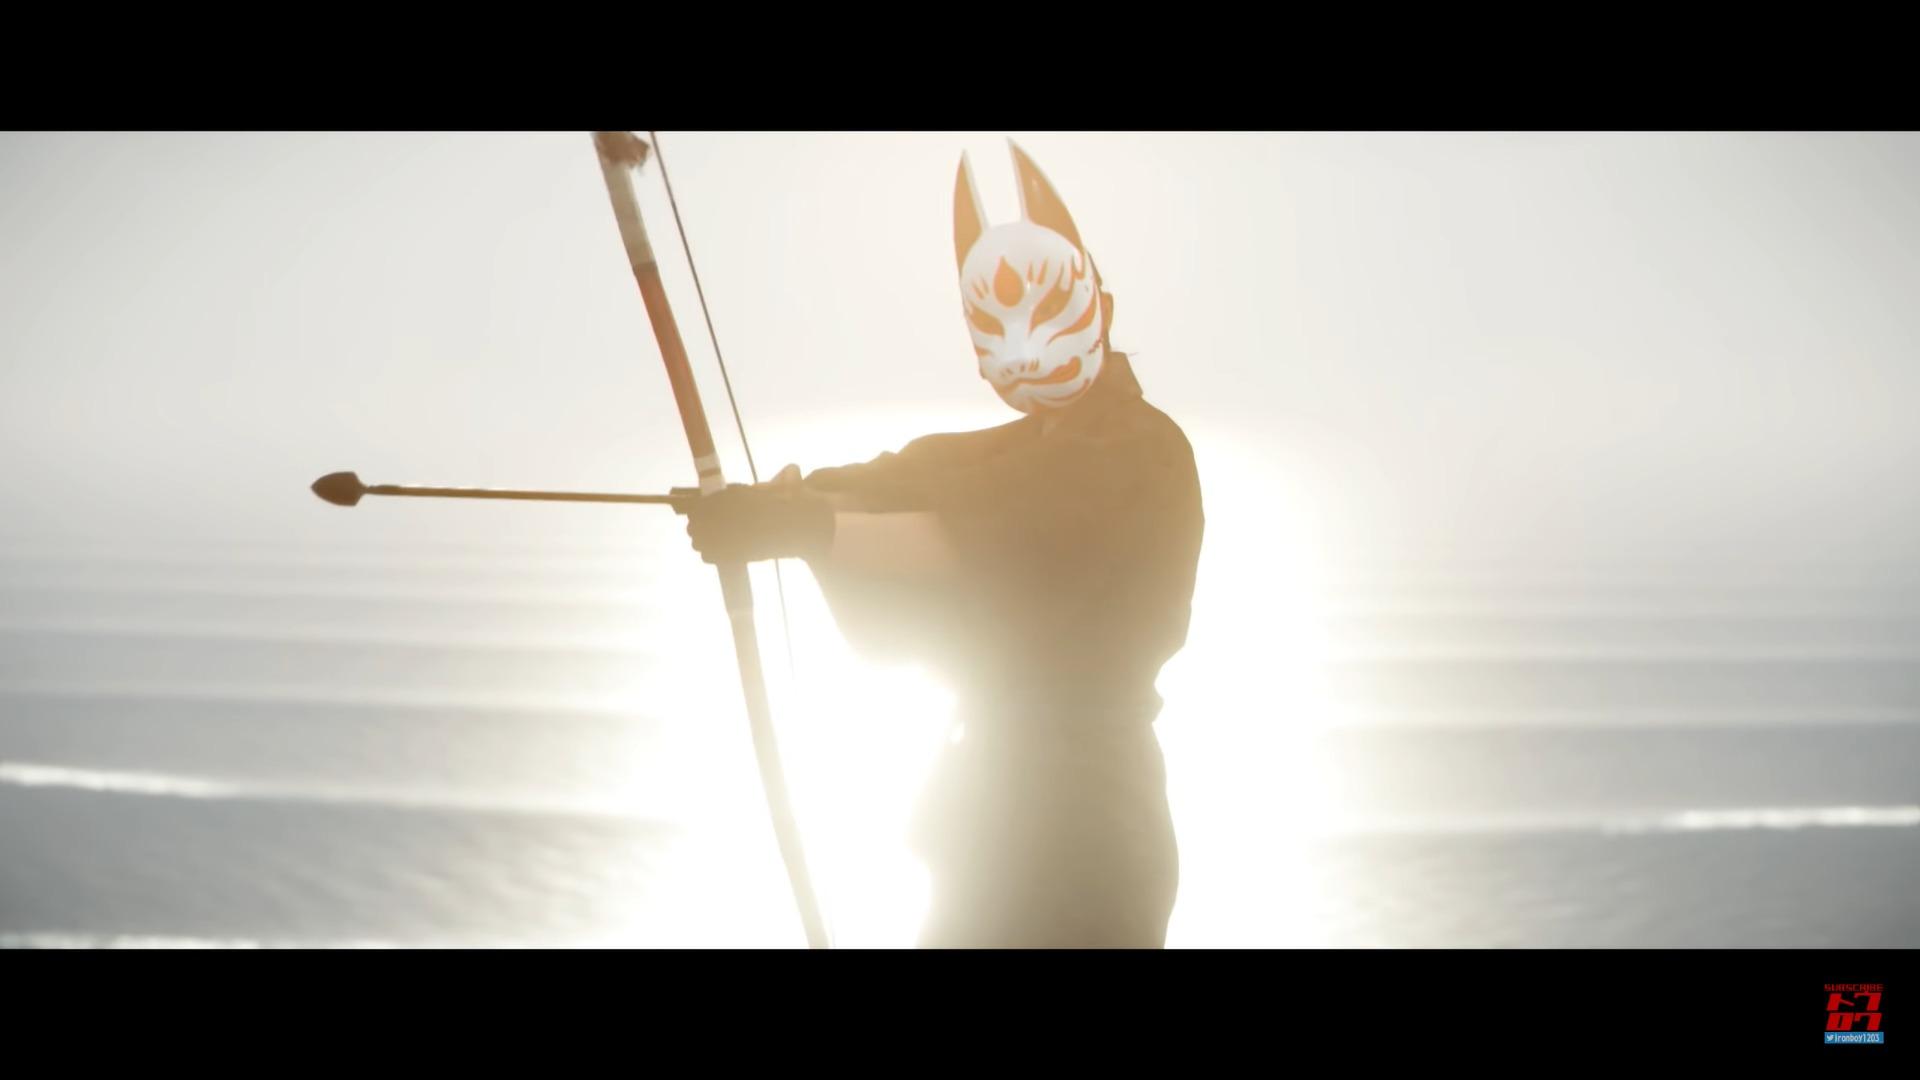 ゴーストオブツシマ続編では女性主人公、巴がふさわしいとの声があがる!